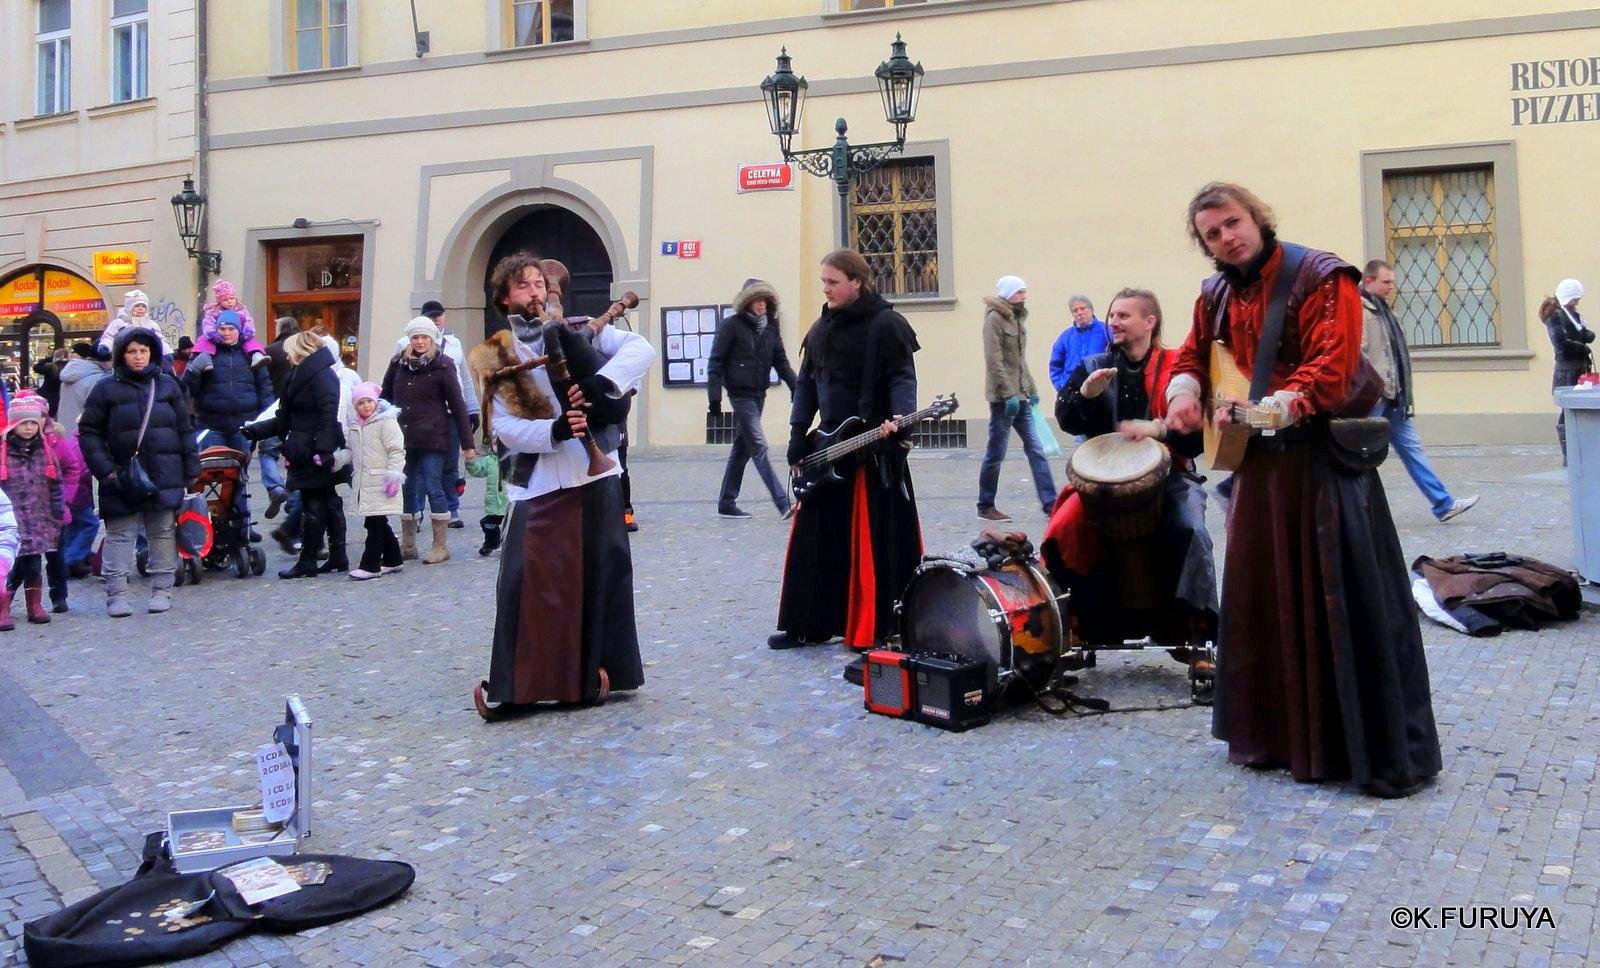 プラハ 10 旧市街広場のパフォーマー_a0092659_2134211.jpg